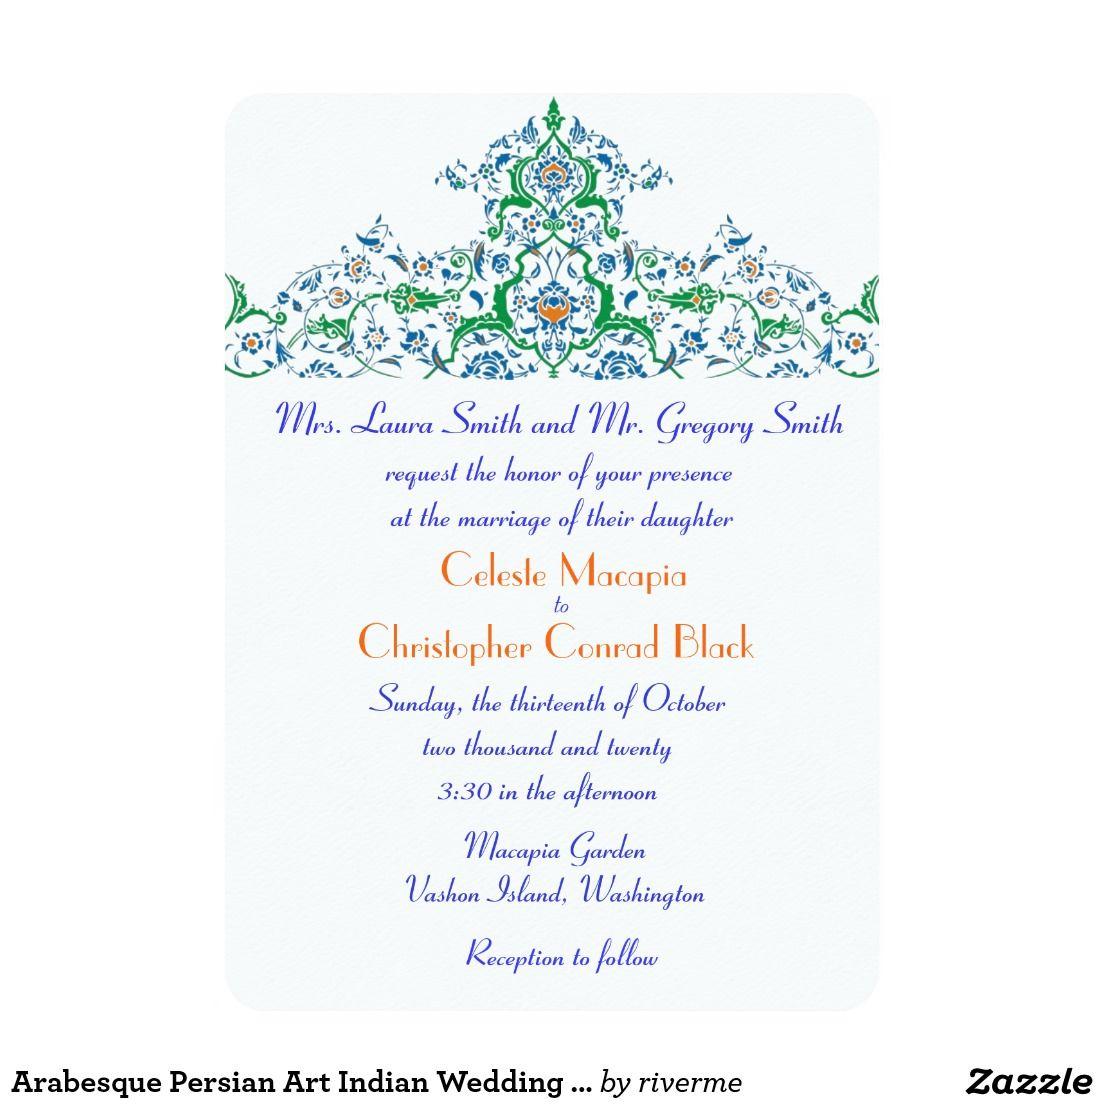 Arabesque persian art indian wedding invite other wedding stuff arabesque persian art indian wedding invite filmwisefo